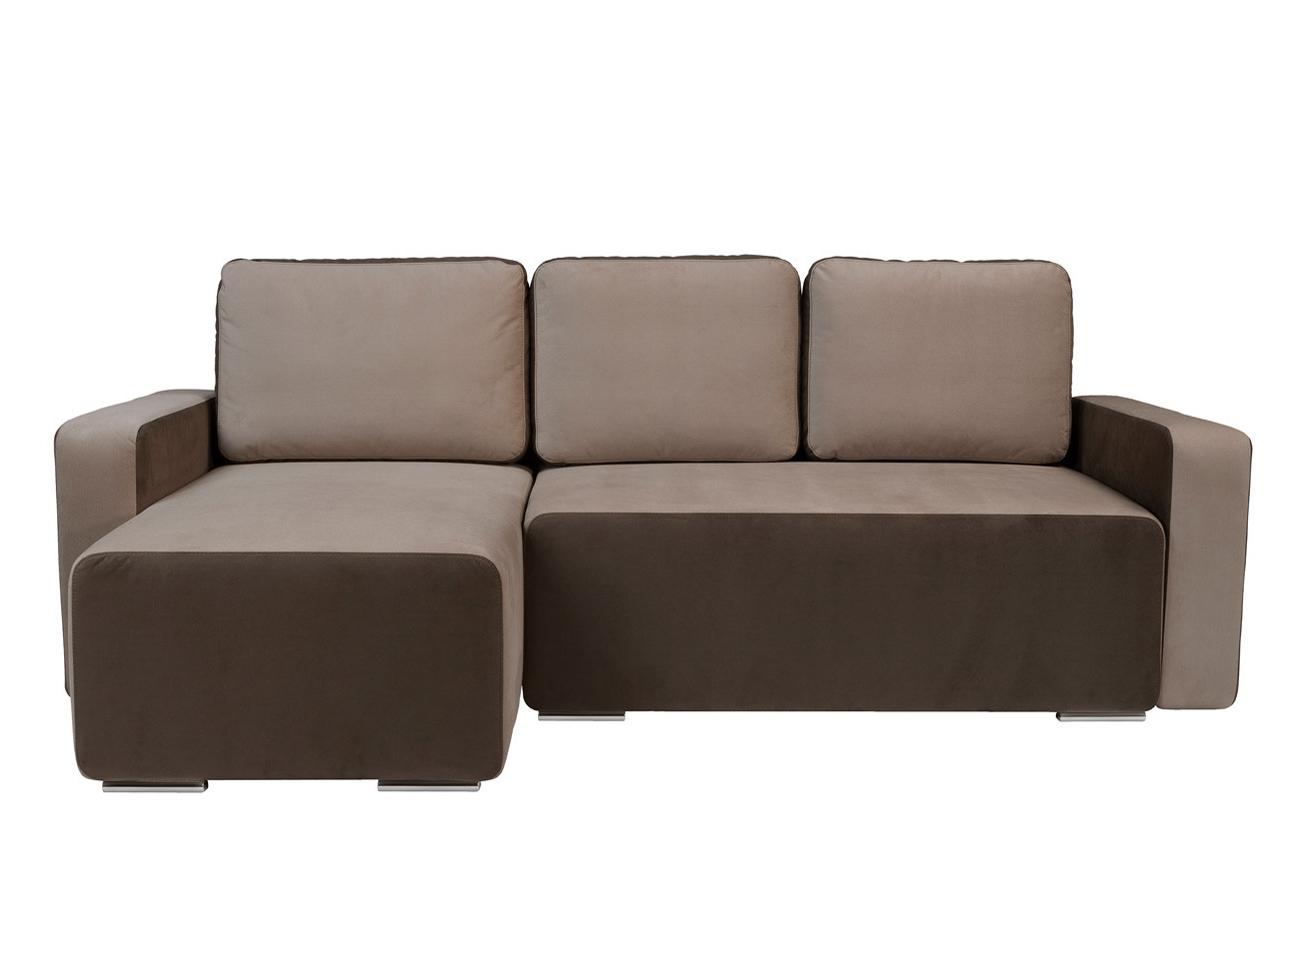 Rohová sedací souprava - BRW - Possi Lux 3DL.URC LED hnědá (L) (s osvětlením)